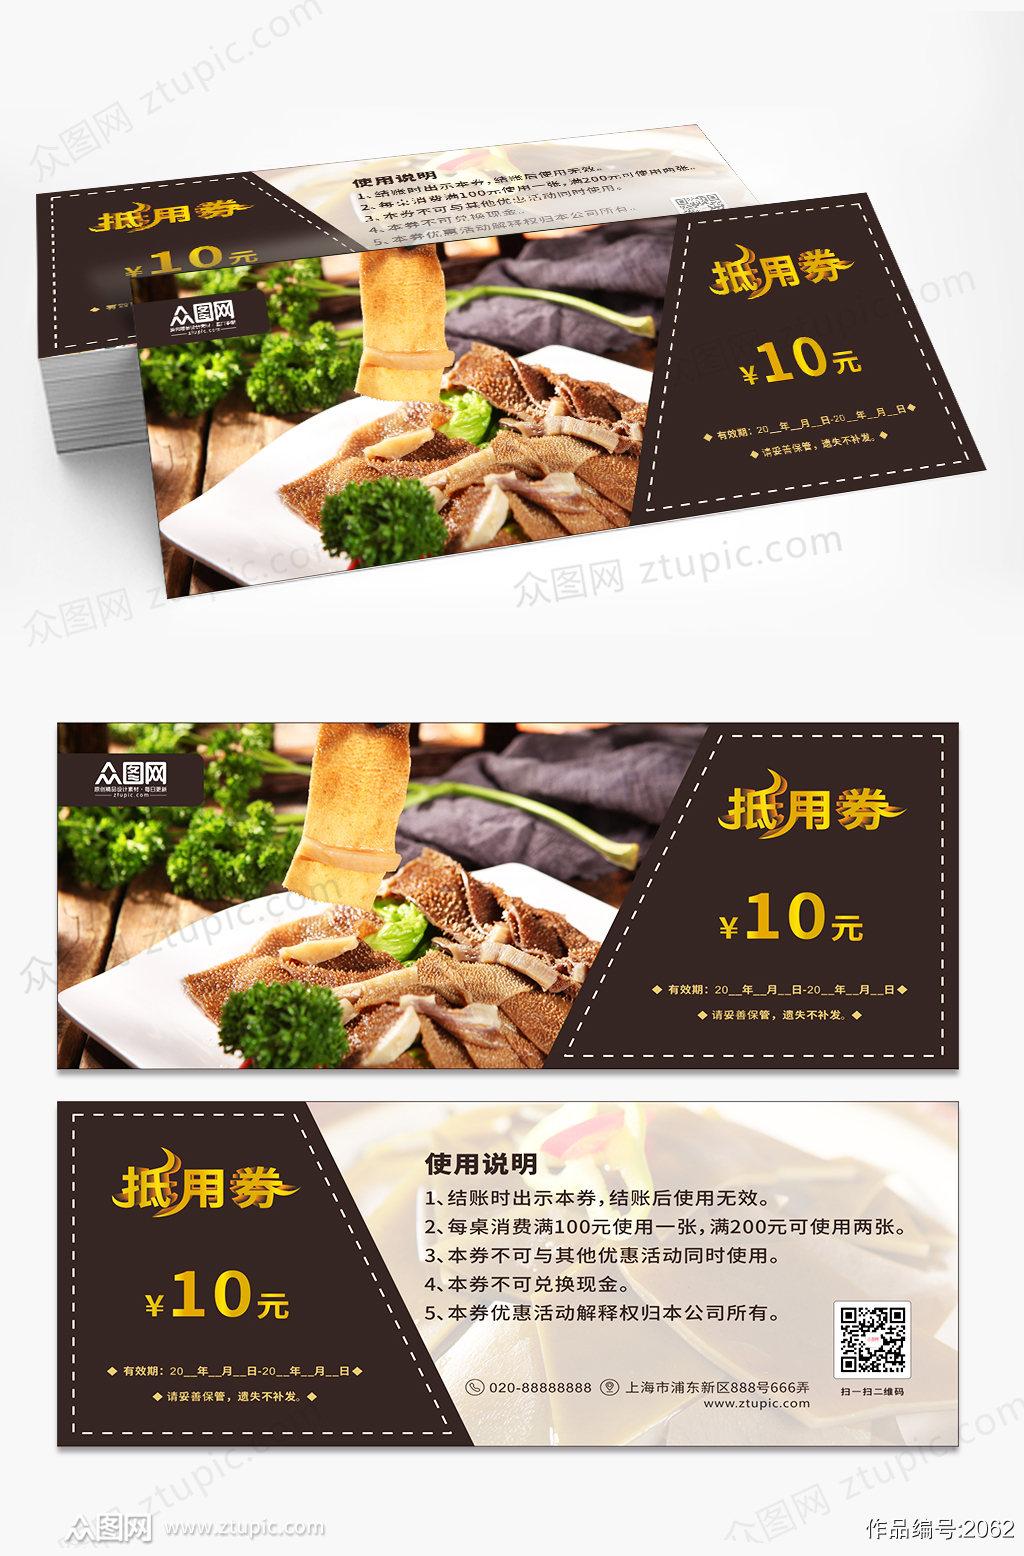 美食餐厅火锅店餐饮代金券设计素材